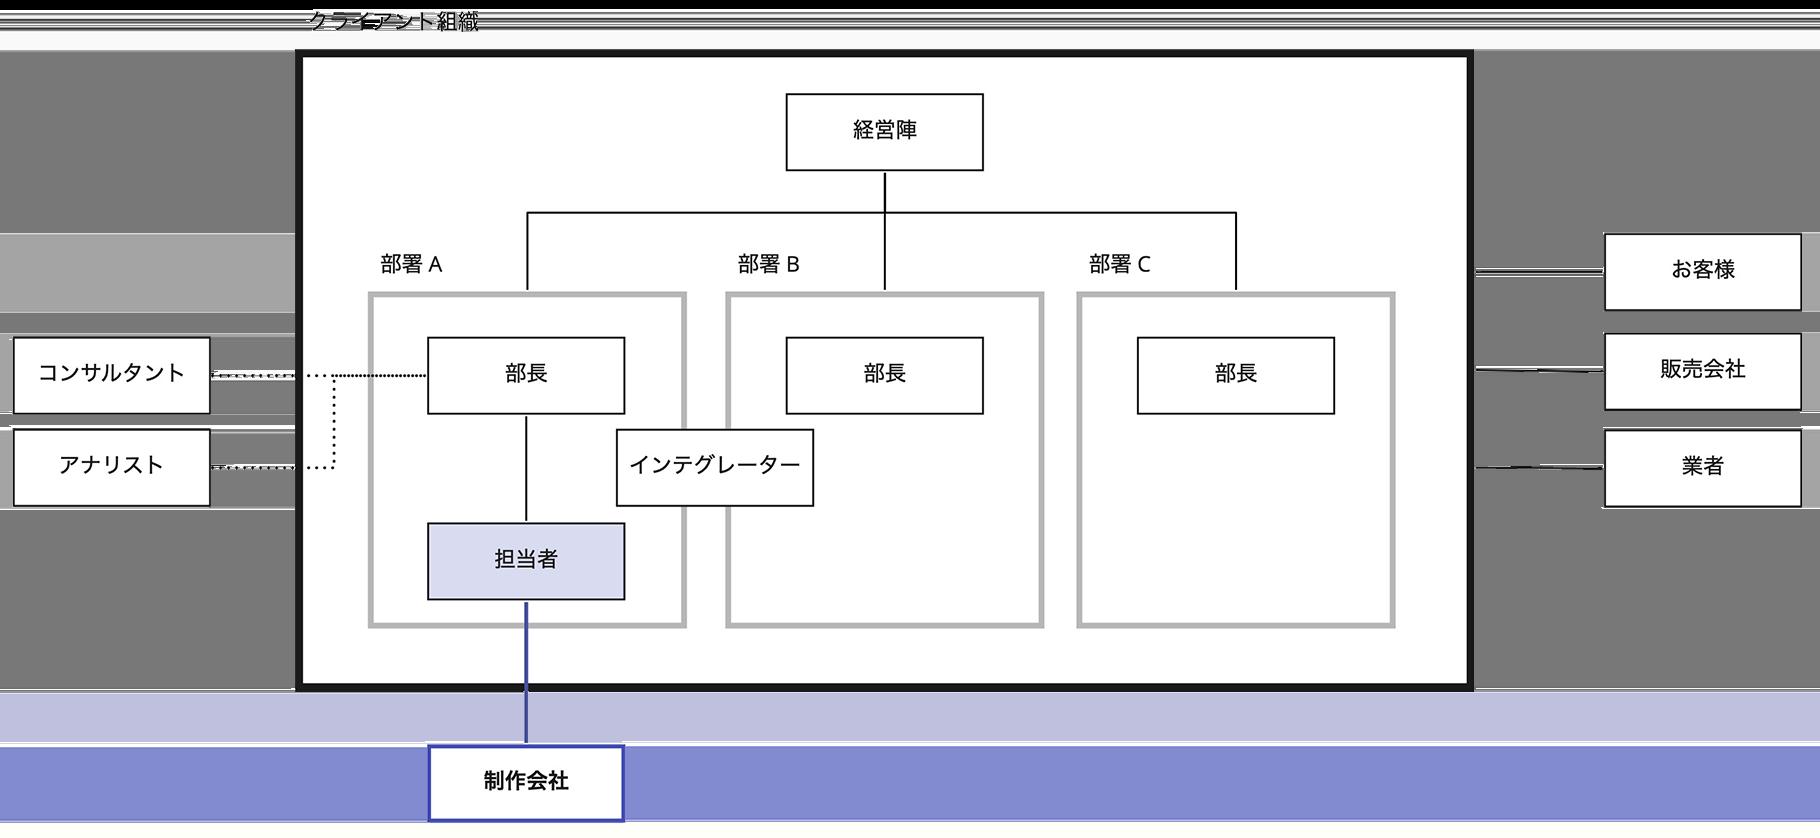 制作会社とクライアント組織の関係性を描いたシンプルなダイアグラム